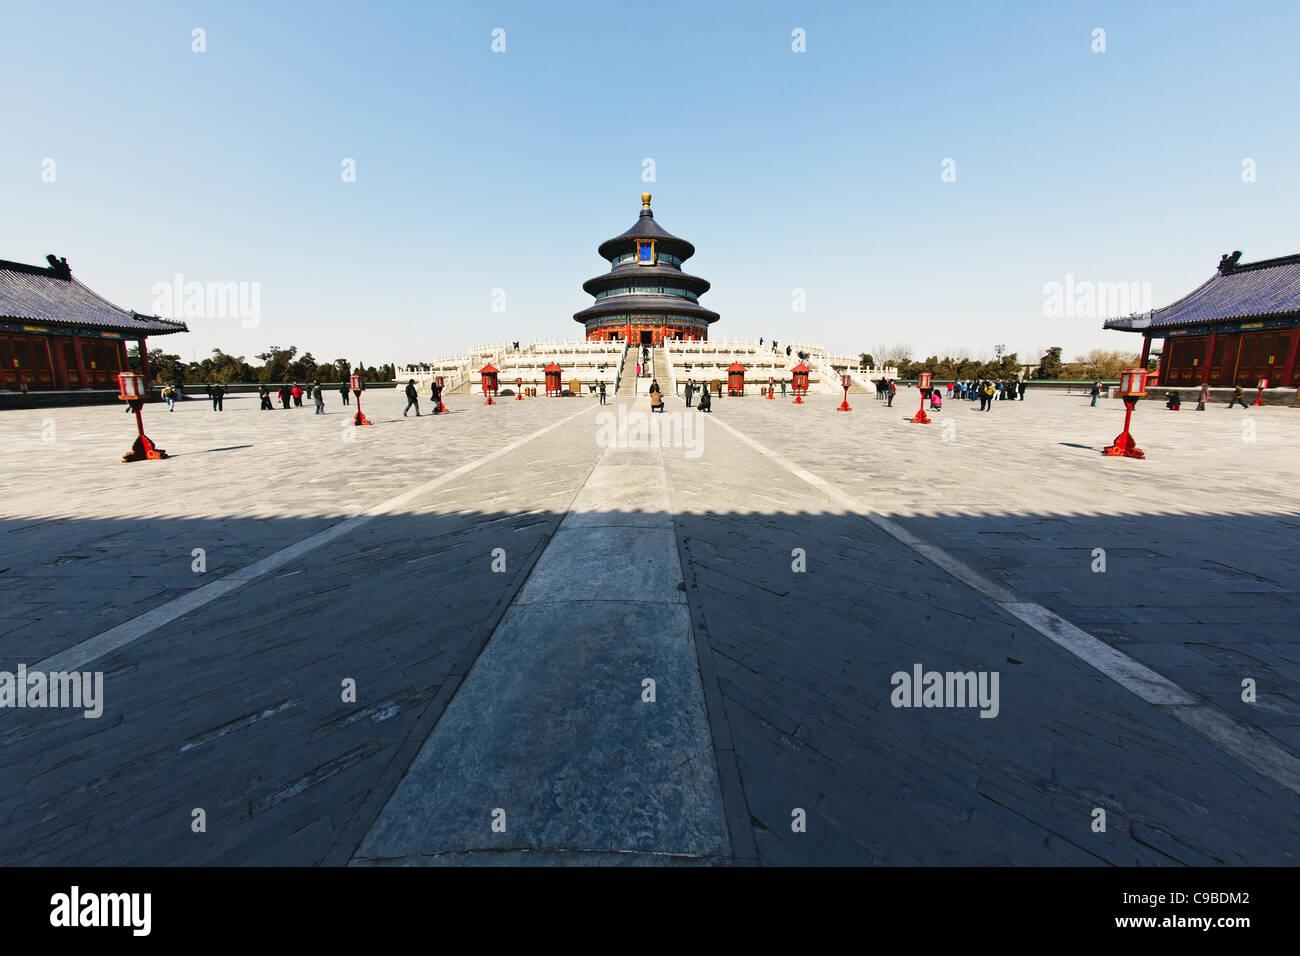 Inneren Quadrat mit der Halle des Gebets für gute Ernten, Himmelstempel, Peking, China Stockbild